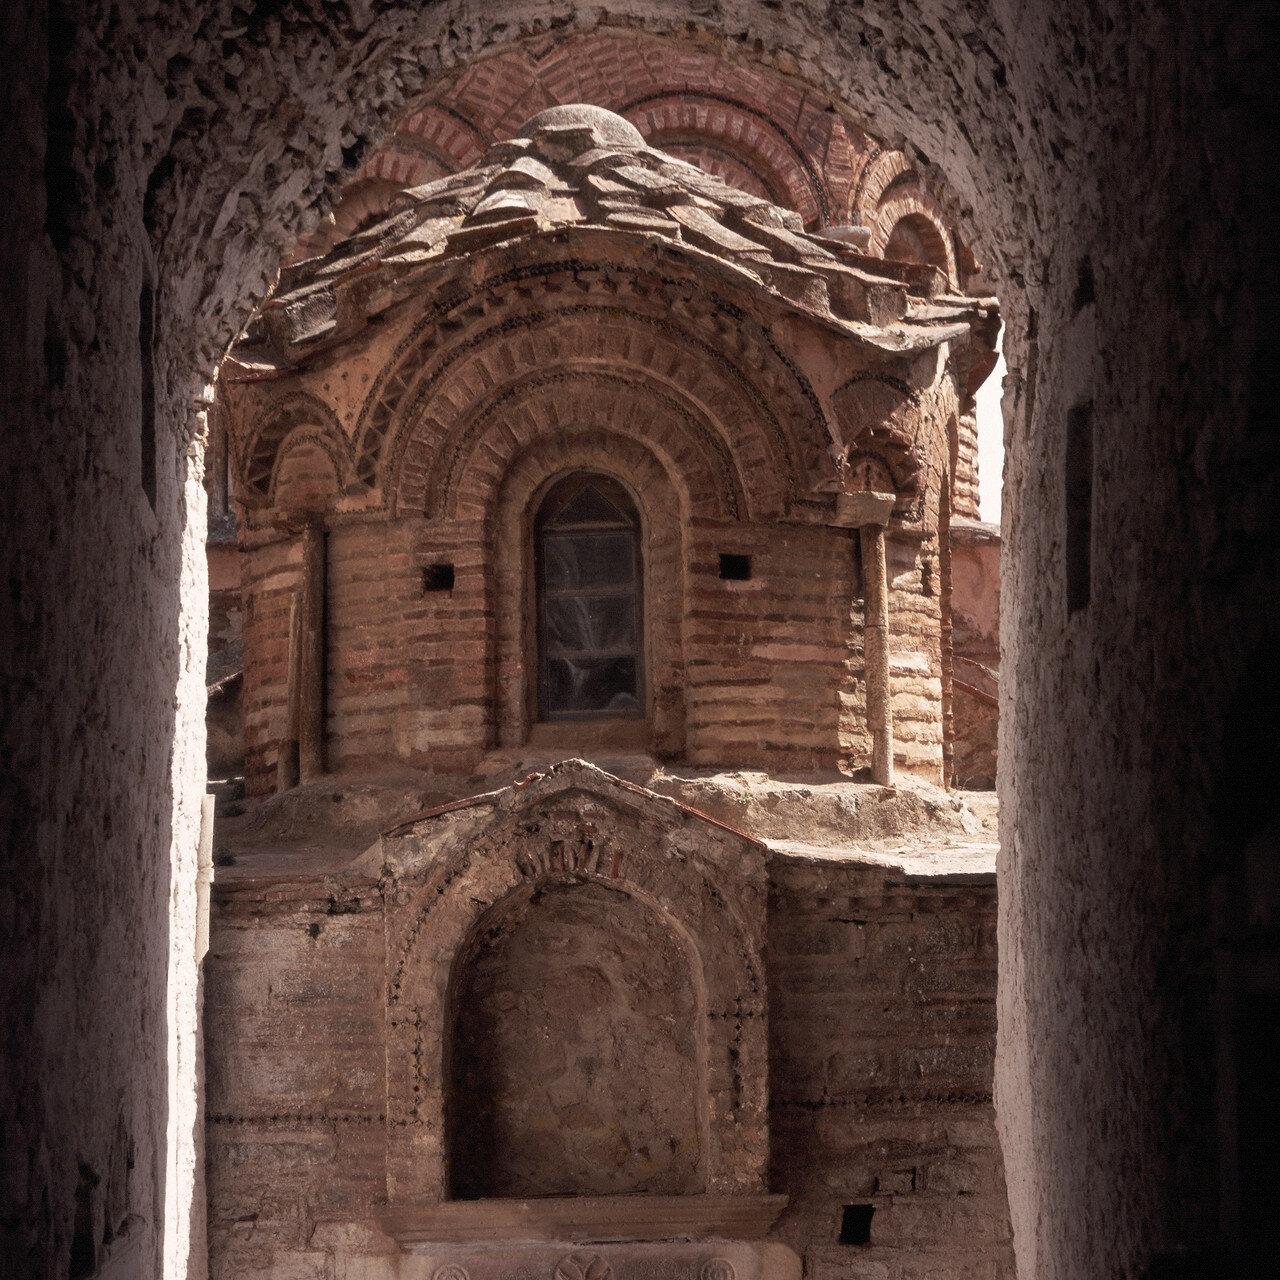 Южный Хиос. Пирги.  Византийская церковь Святых Апостолов. Дверной проем в передней части церкви